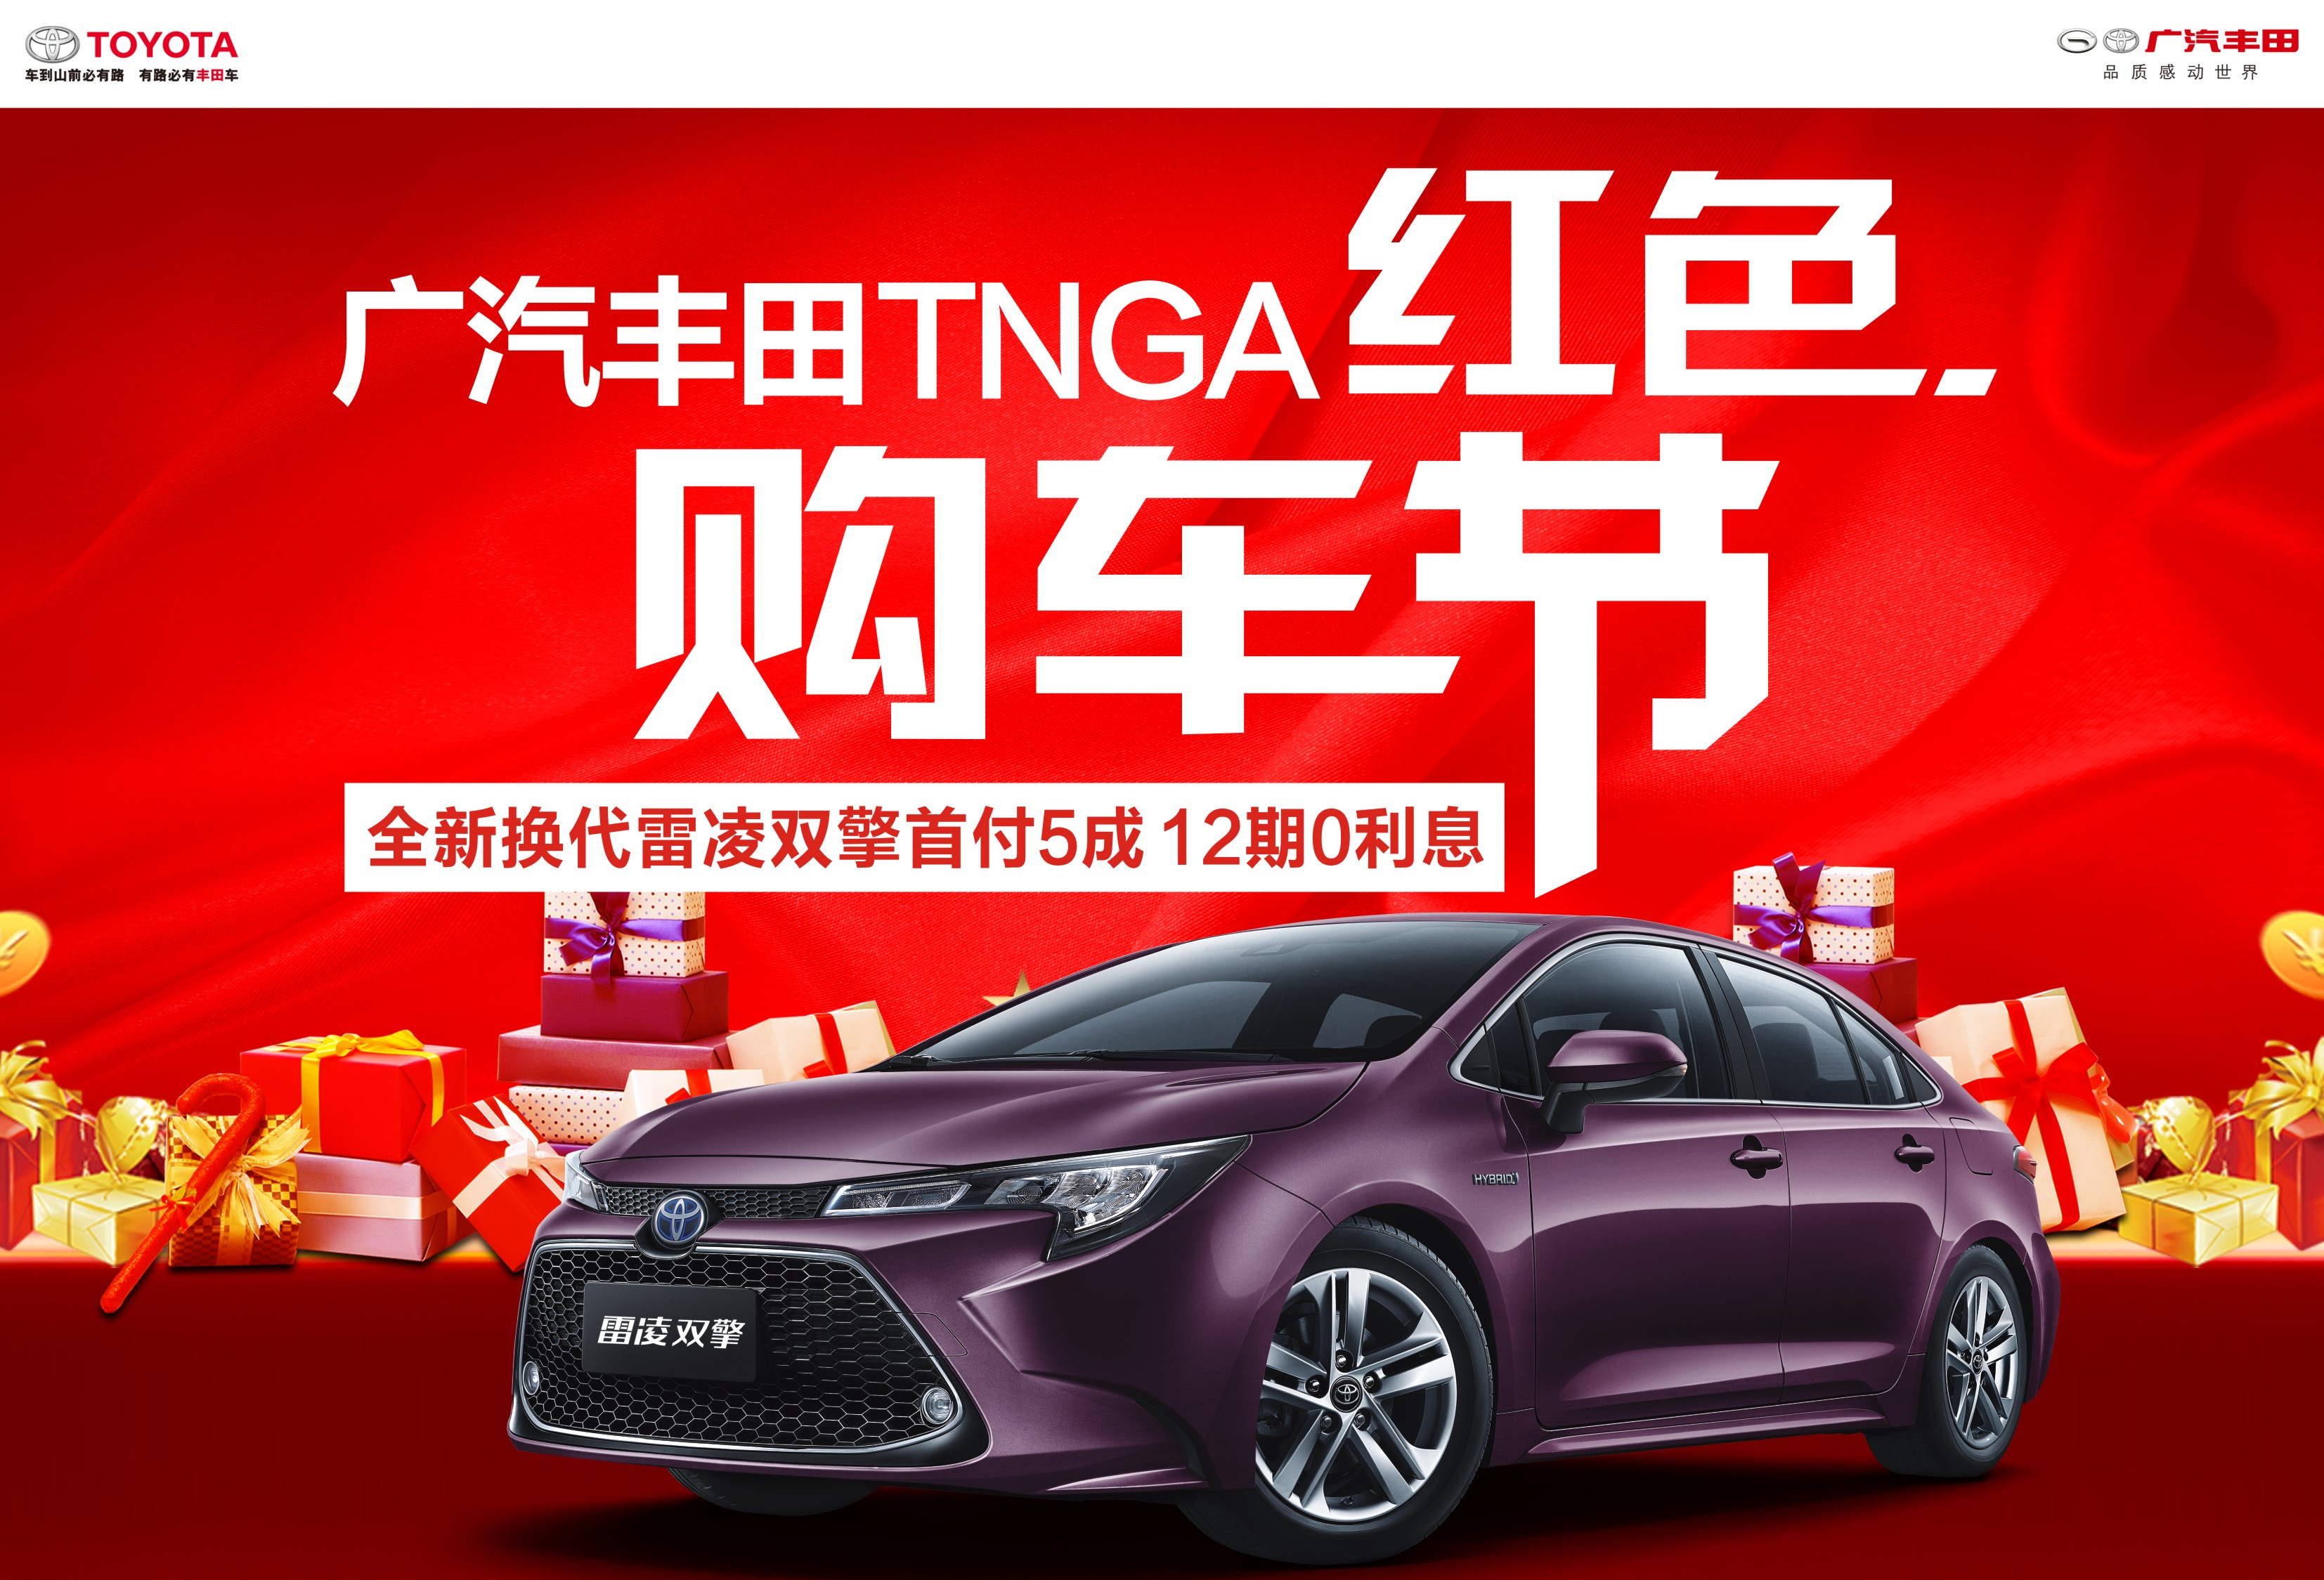 昆山广丰TNGA红色购车节,全新换代雷凌双擎首付5成,12期0利息